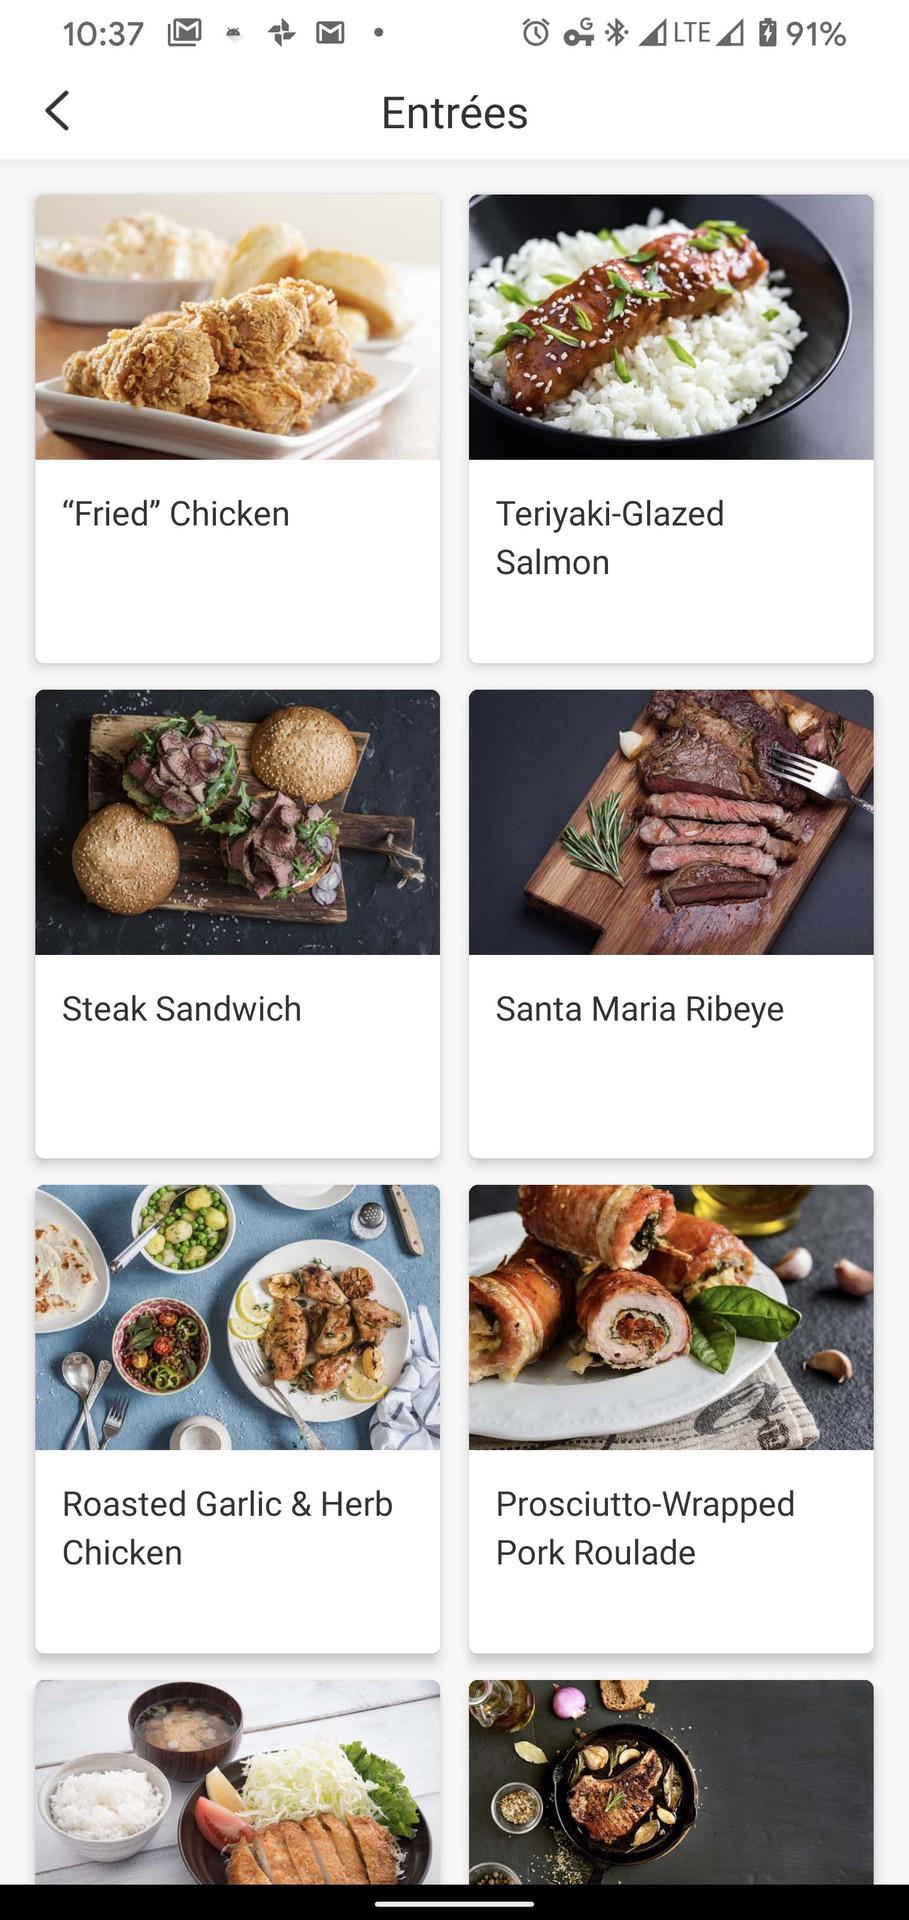 Cosori Smart Air Fryer VeSync app entree recipes